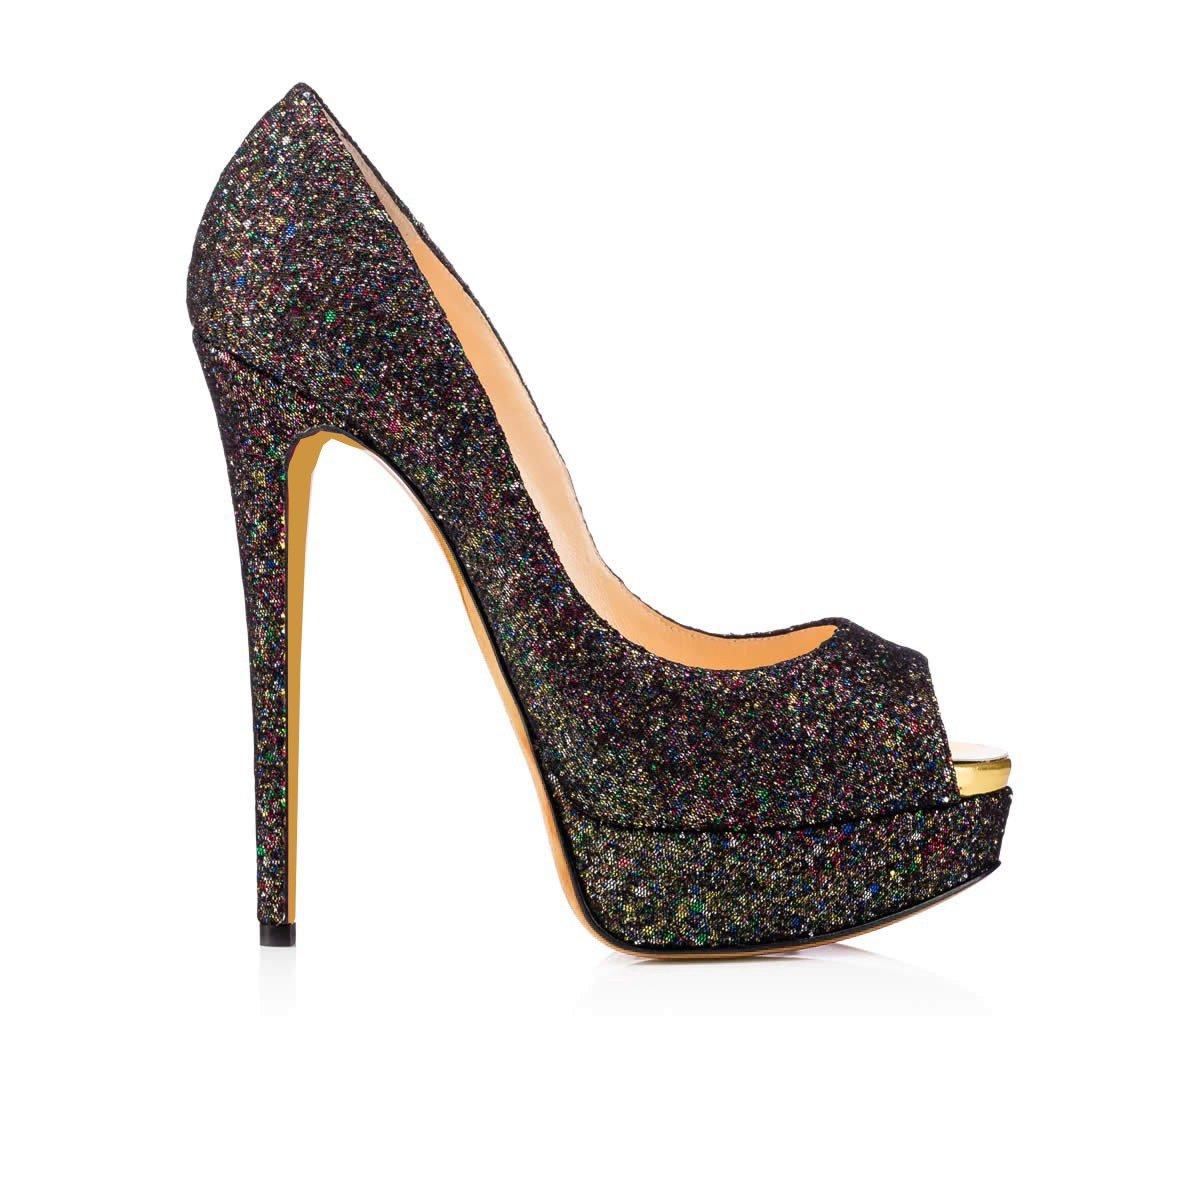 XUE Damenschuhe PU Frühling Sommer wies Schuhe Heels Heels Heels grundlegende Pumpe Stiletto Heel Hochzeit Party & Abend Kleid formelle Business-Arbeit (Farbe   EIN, Größe   35) B07DQL6THT Tanzschuhe Luxus 878267